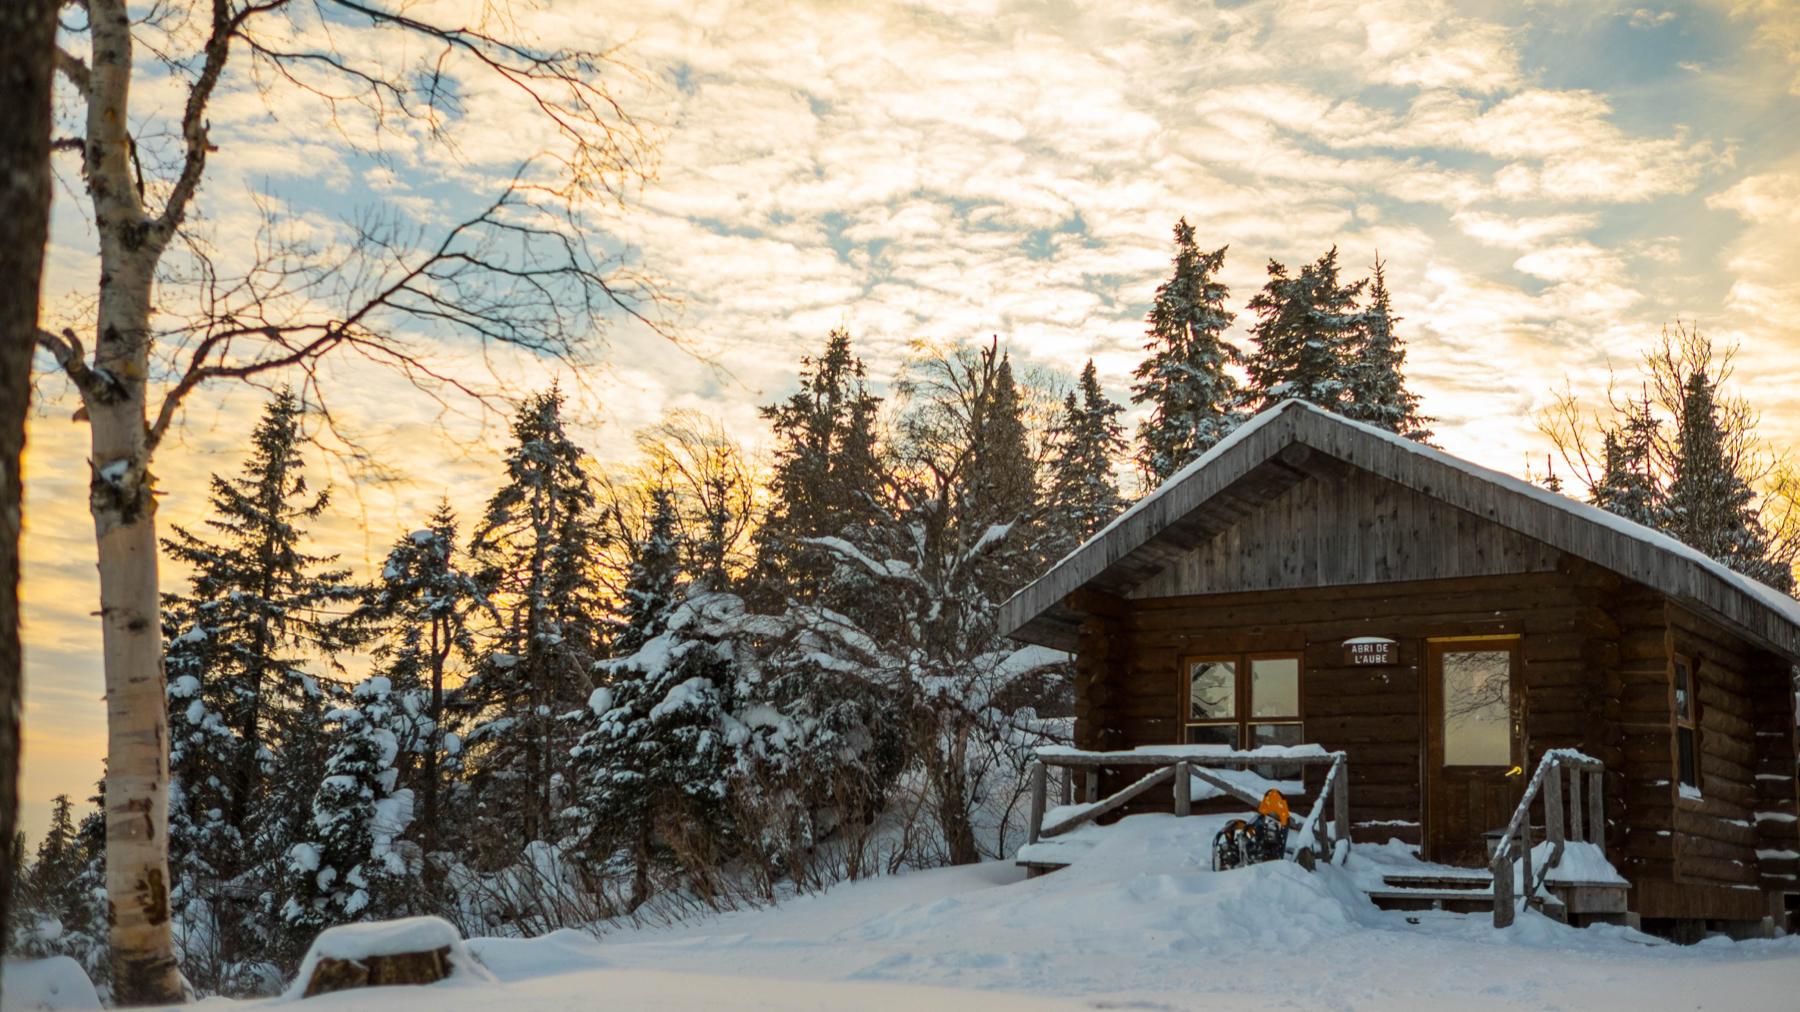 parc-montagne-du-diable-refuge-abri-de-laube-027